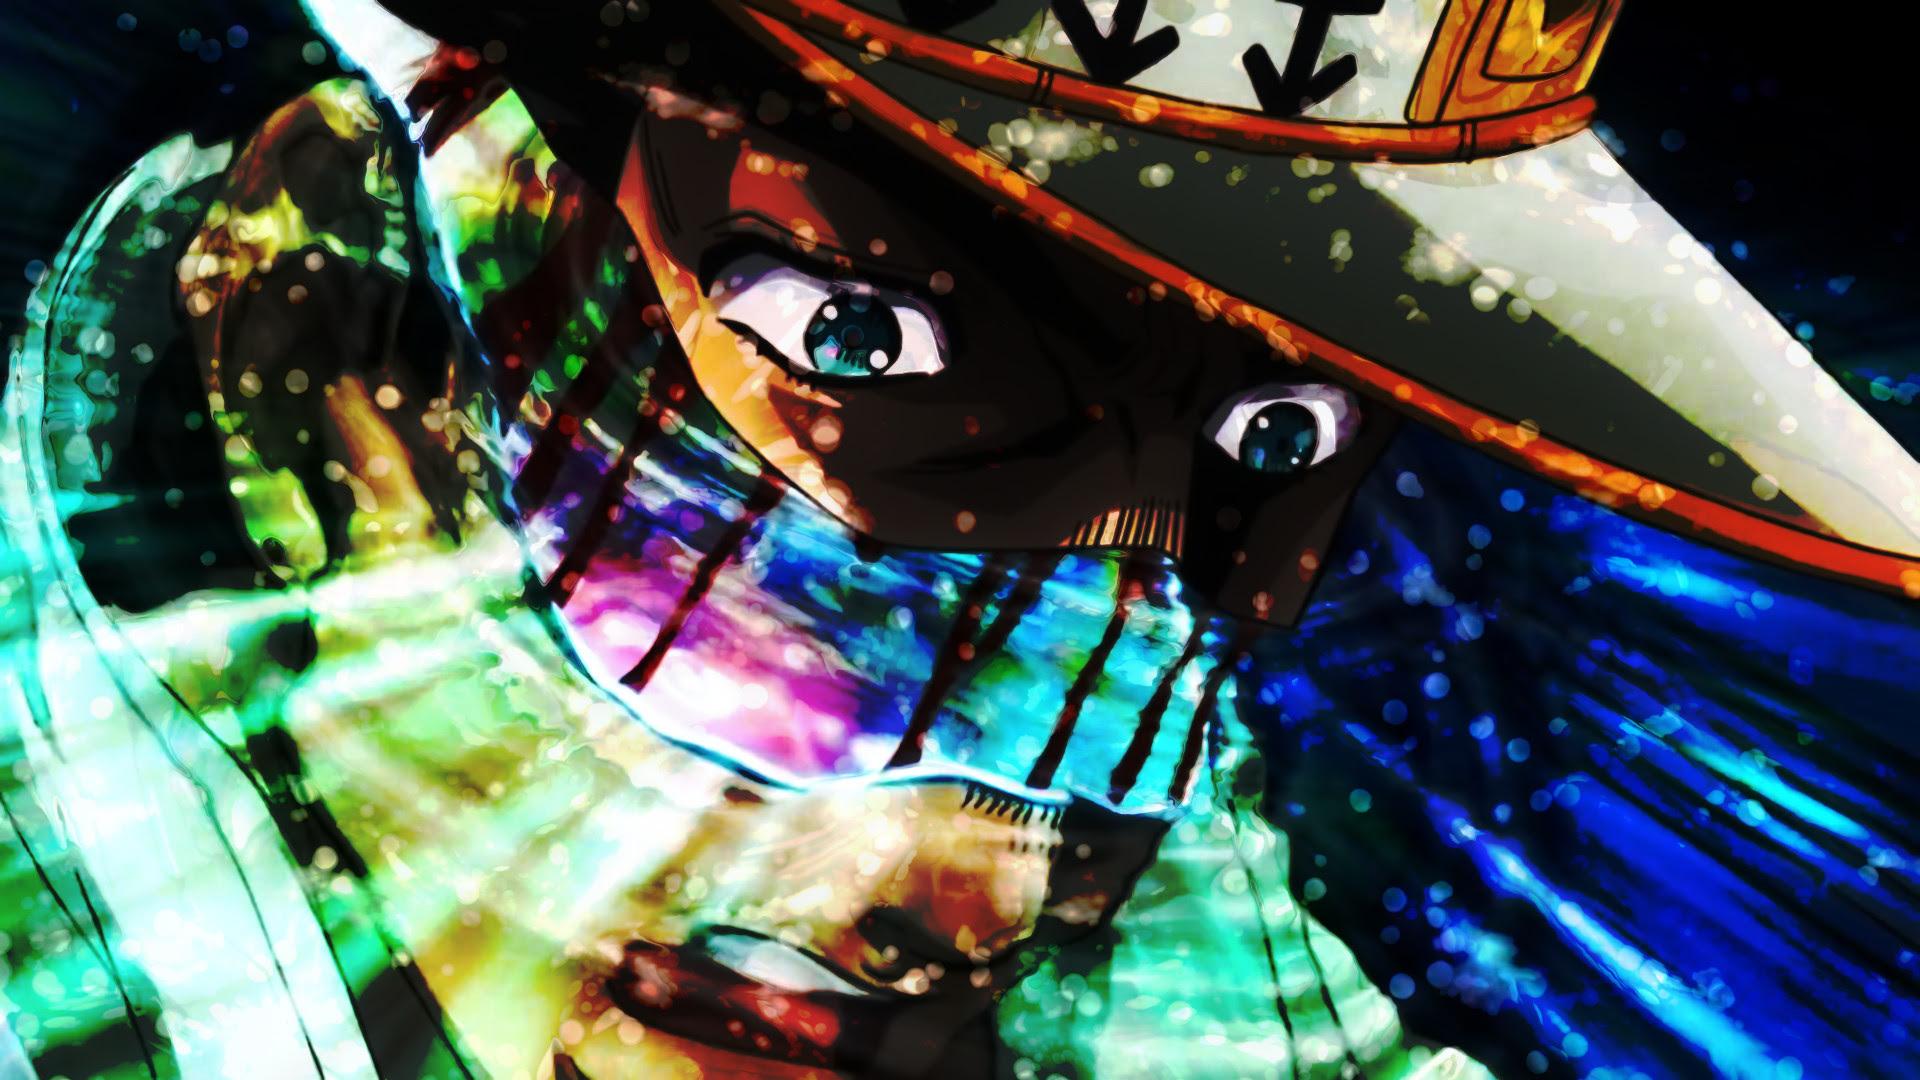 Jojos Bizarre Adventure Wallpaper 1920x1080 76 Images